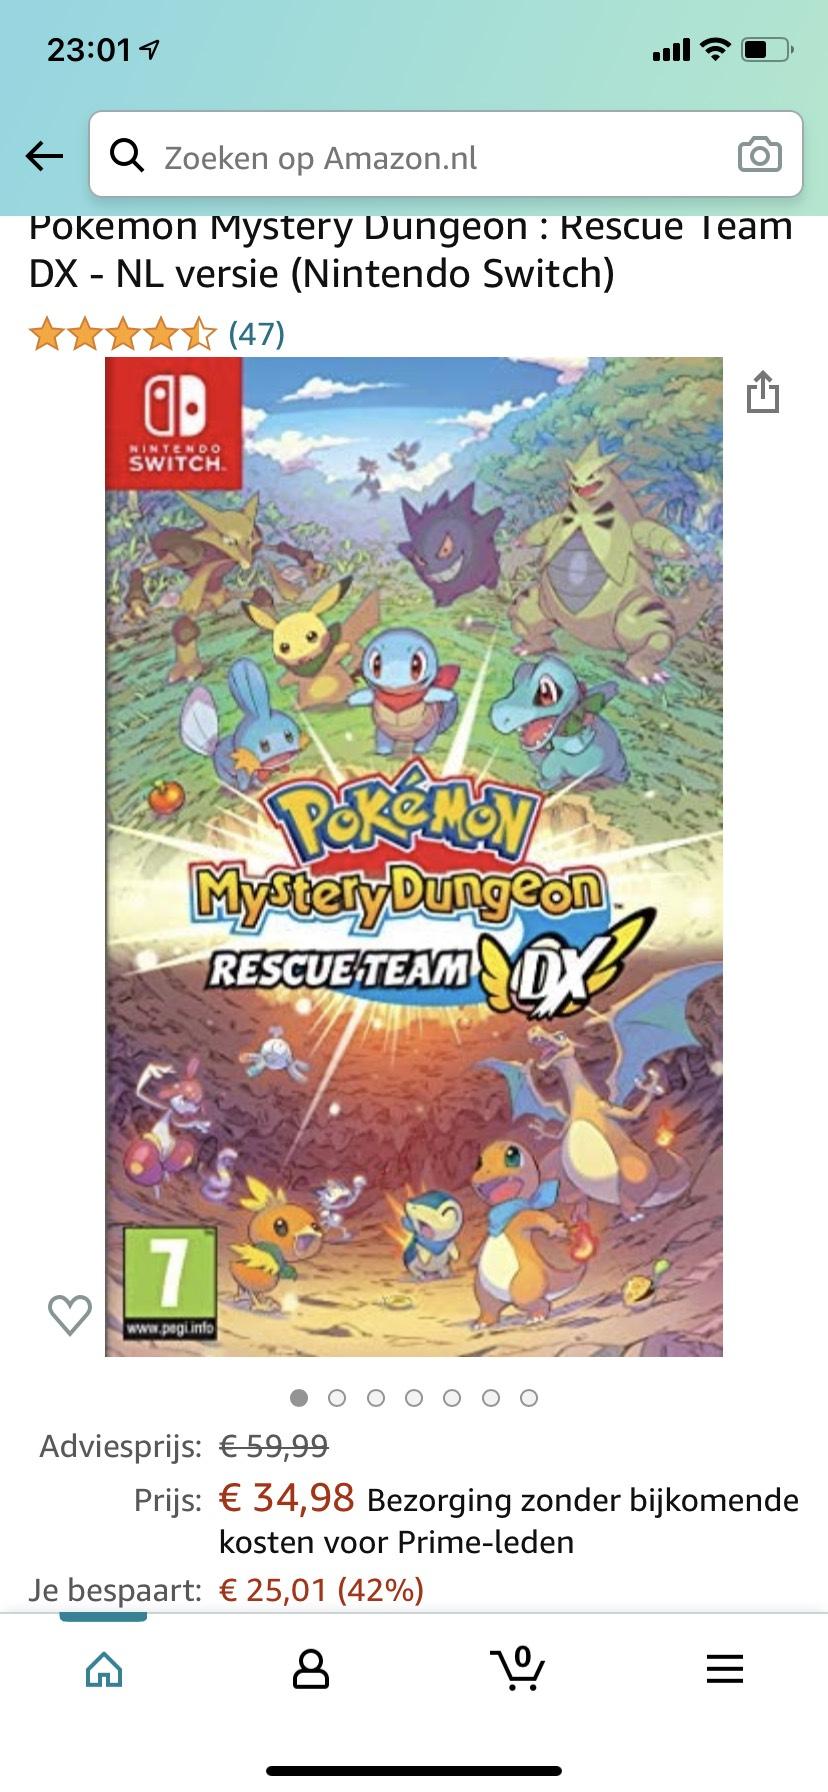 Pokemon Mystery Dungeon : Rescue Team DX - NL versie (Nintendo Switch)